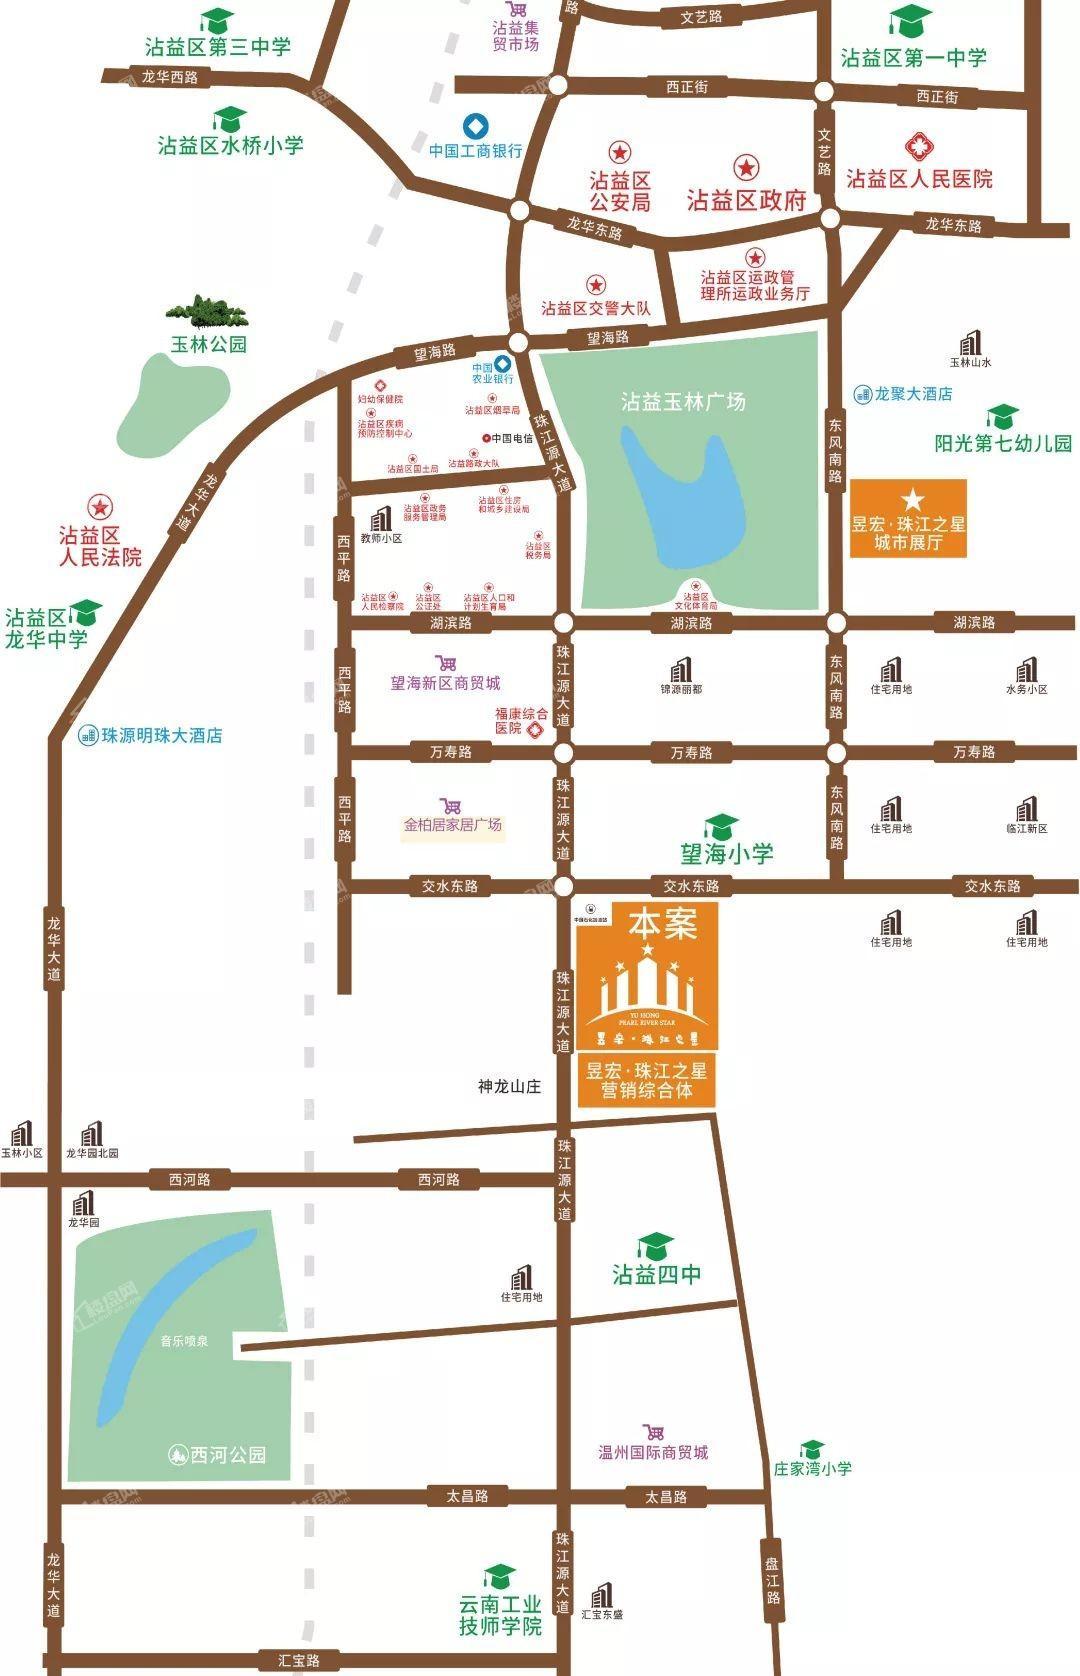 昱宏·珠江之星位置图